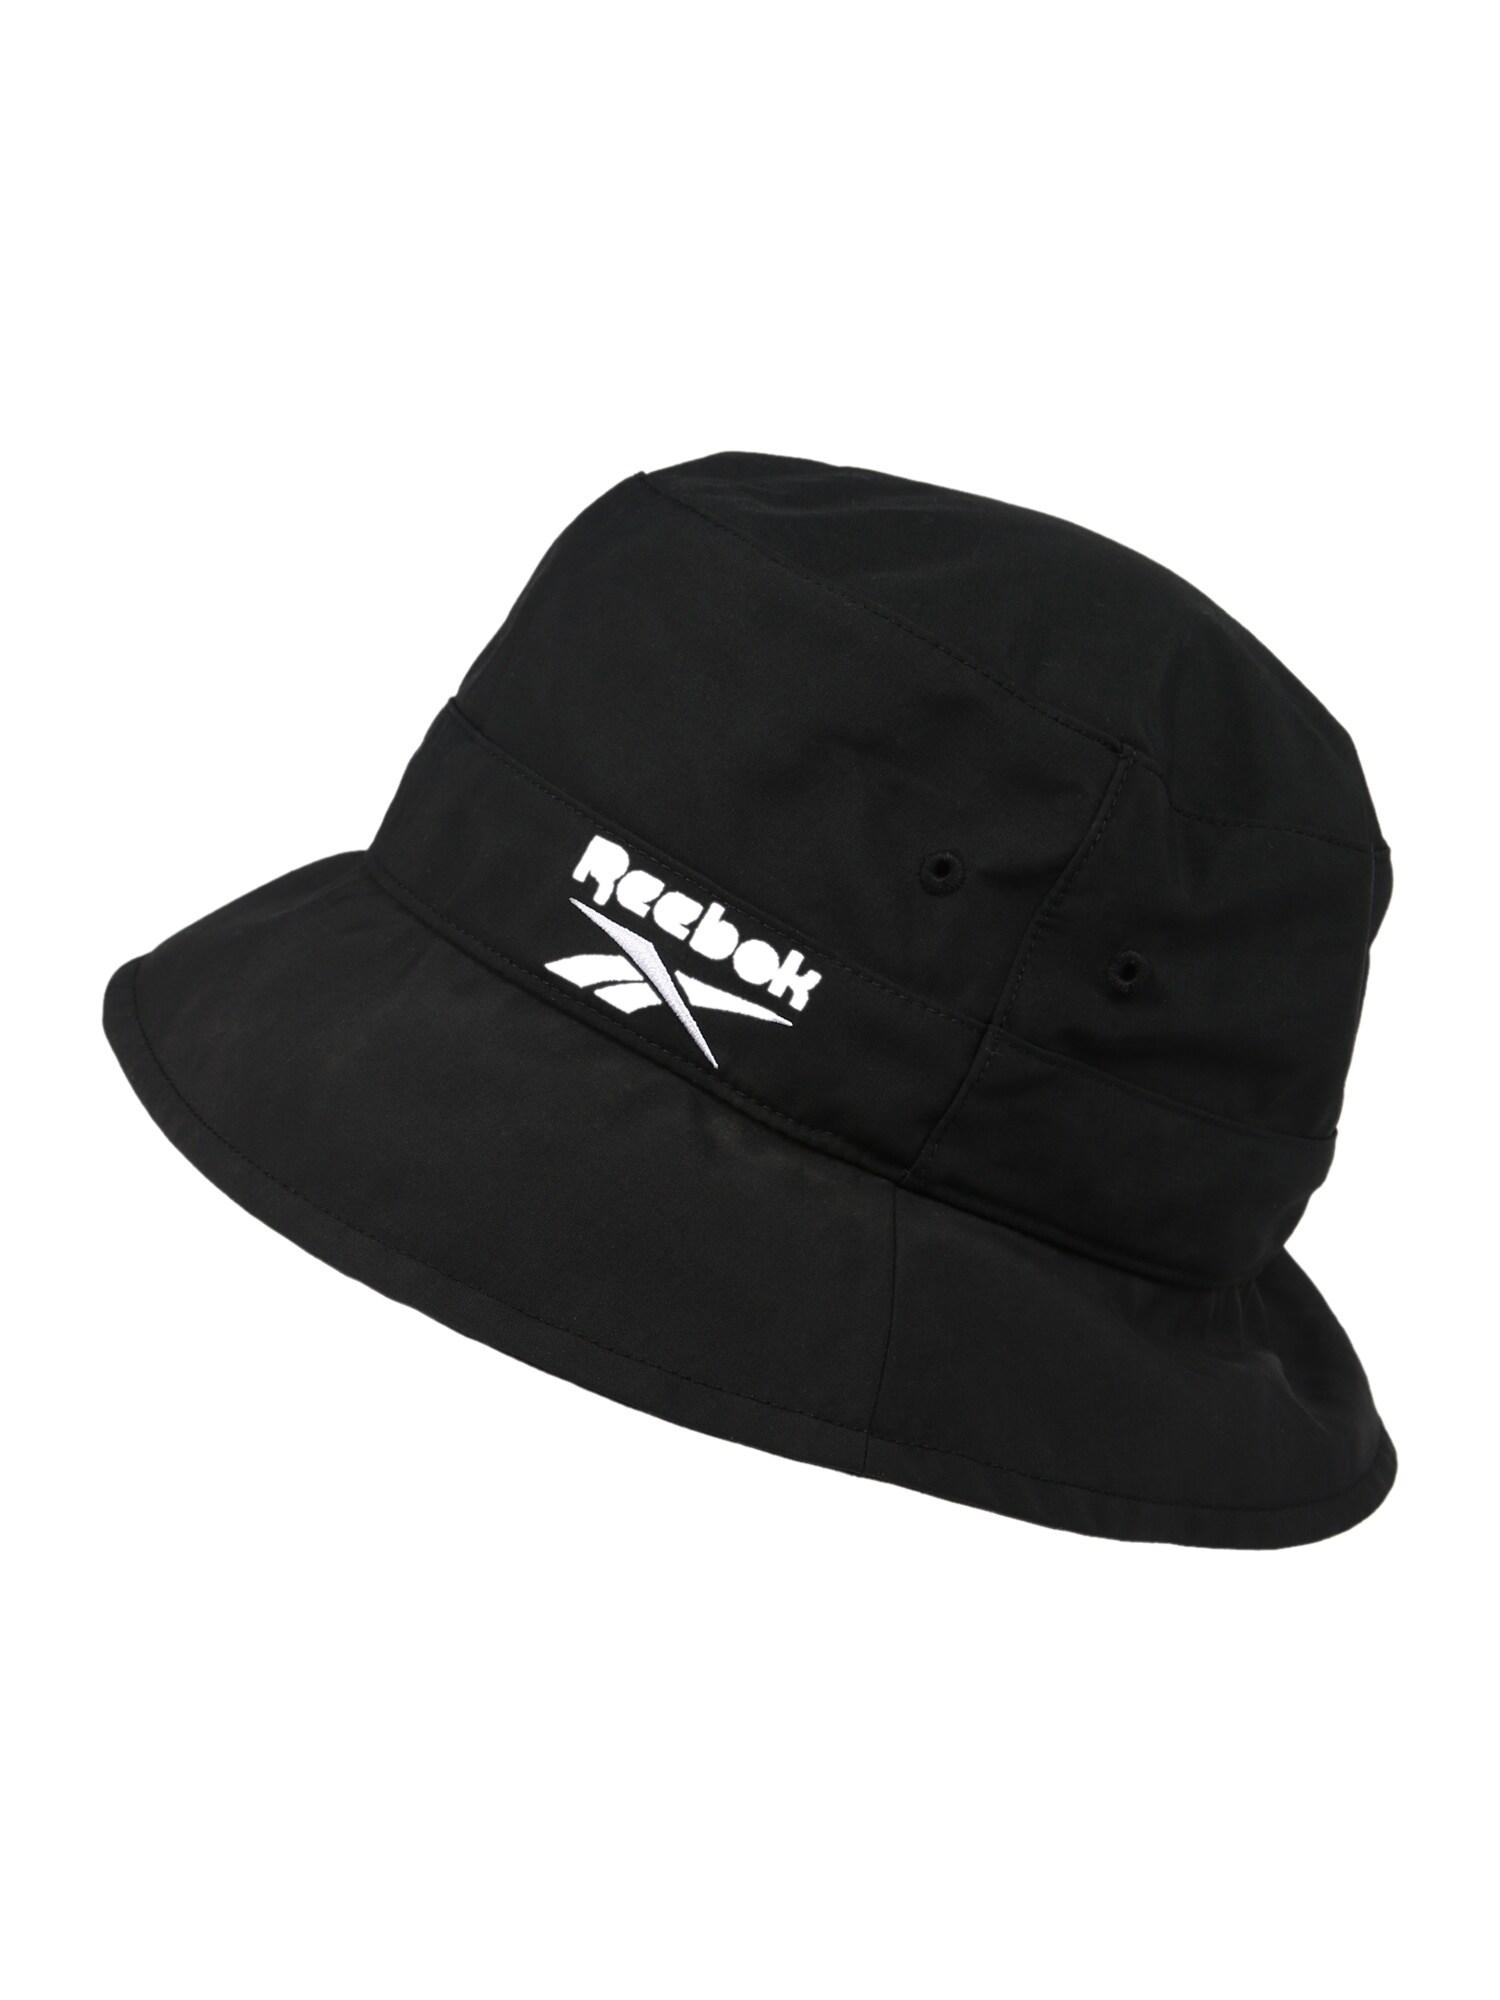 Reebok Classic Skrybėlaitė juoda / balta